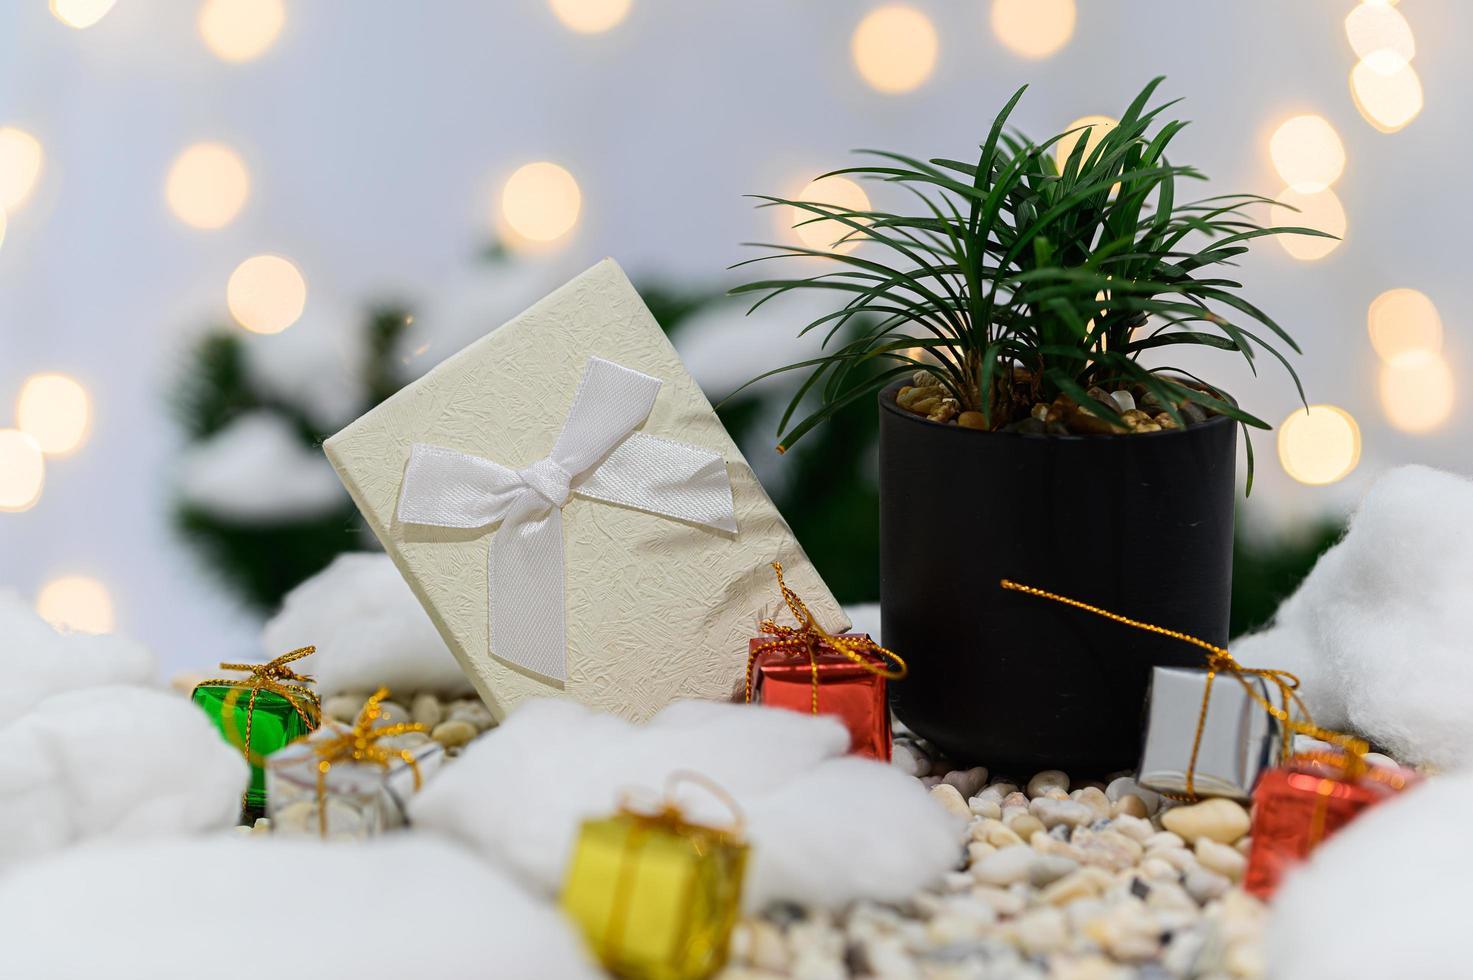 Weihnachtshintergrund für die Adventszeit foto